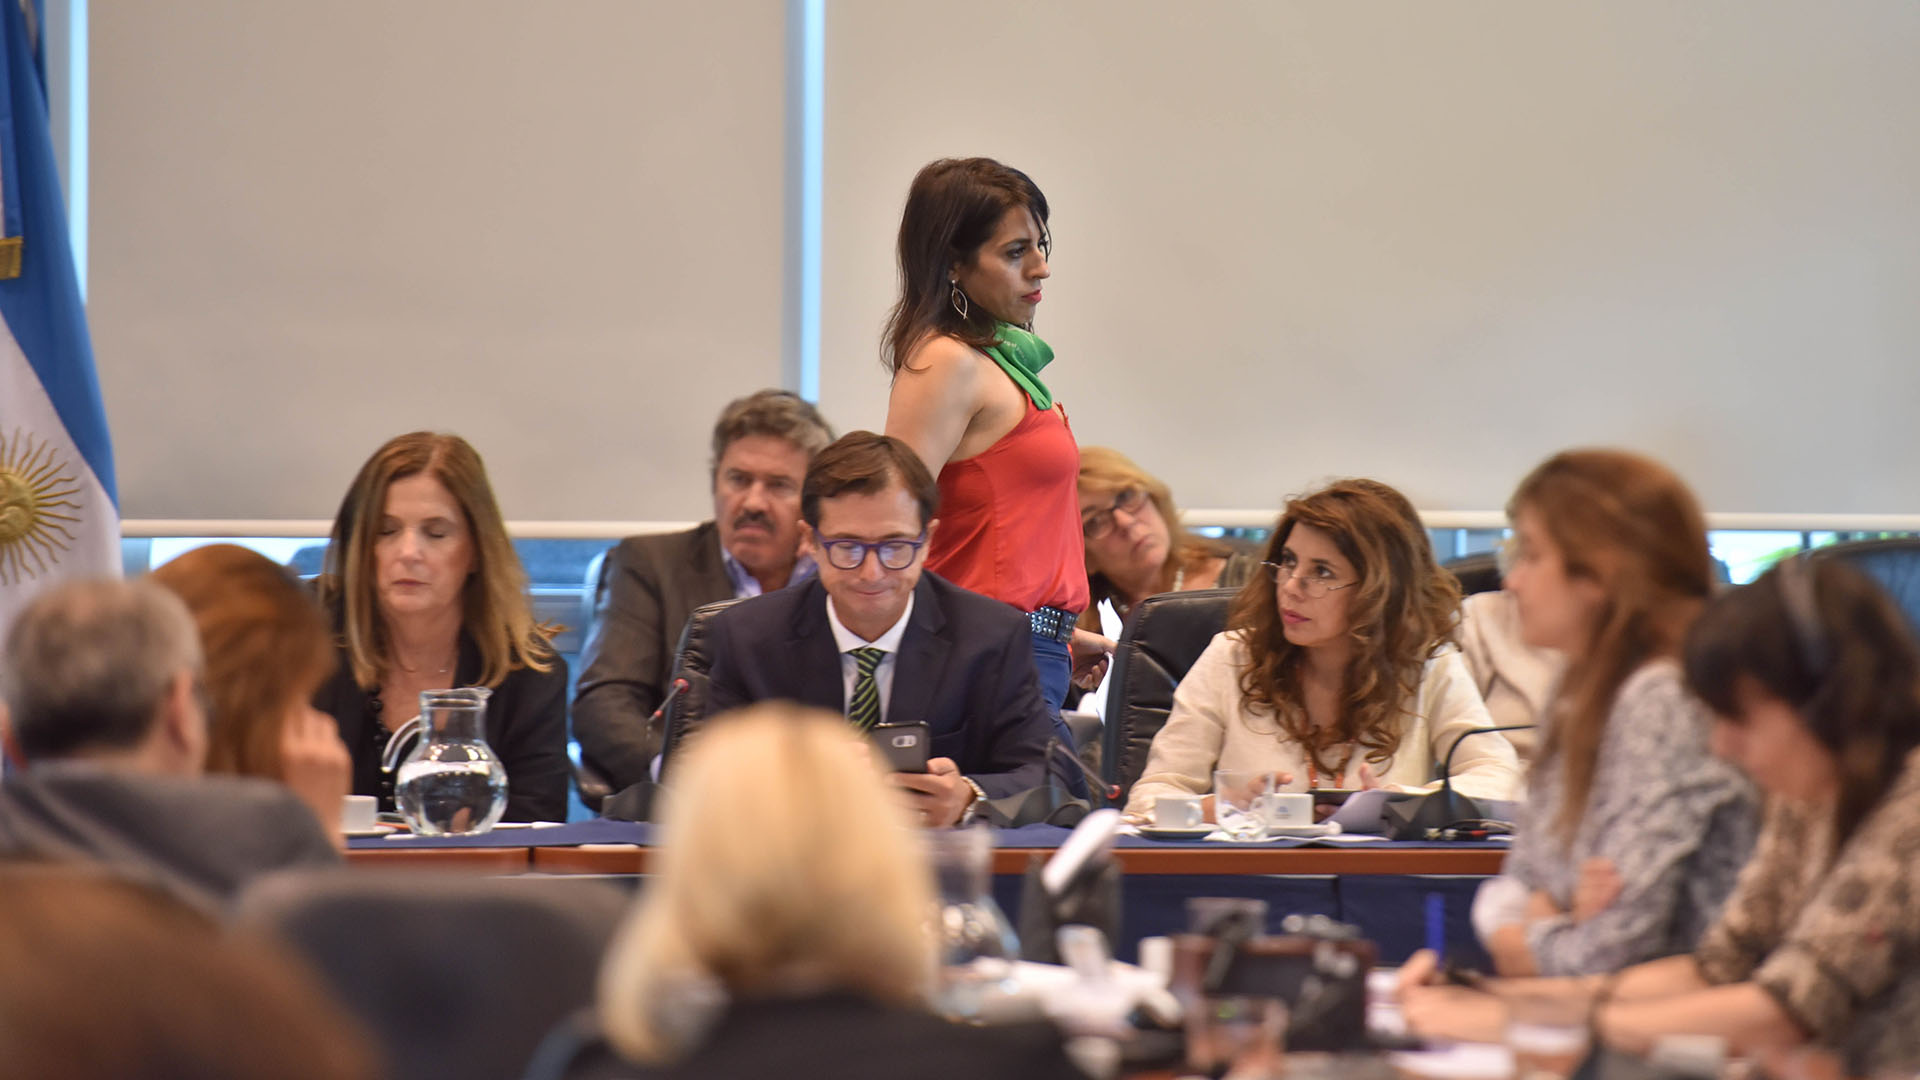 Lipovetsky preside la sesión junto a Carmen Polledo